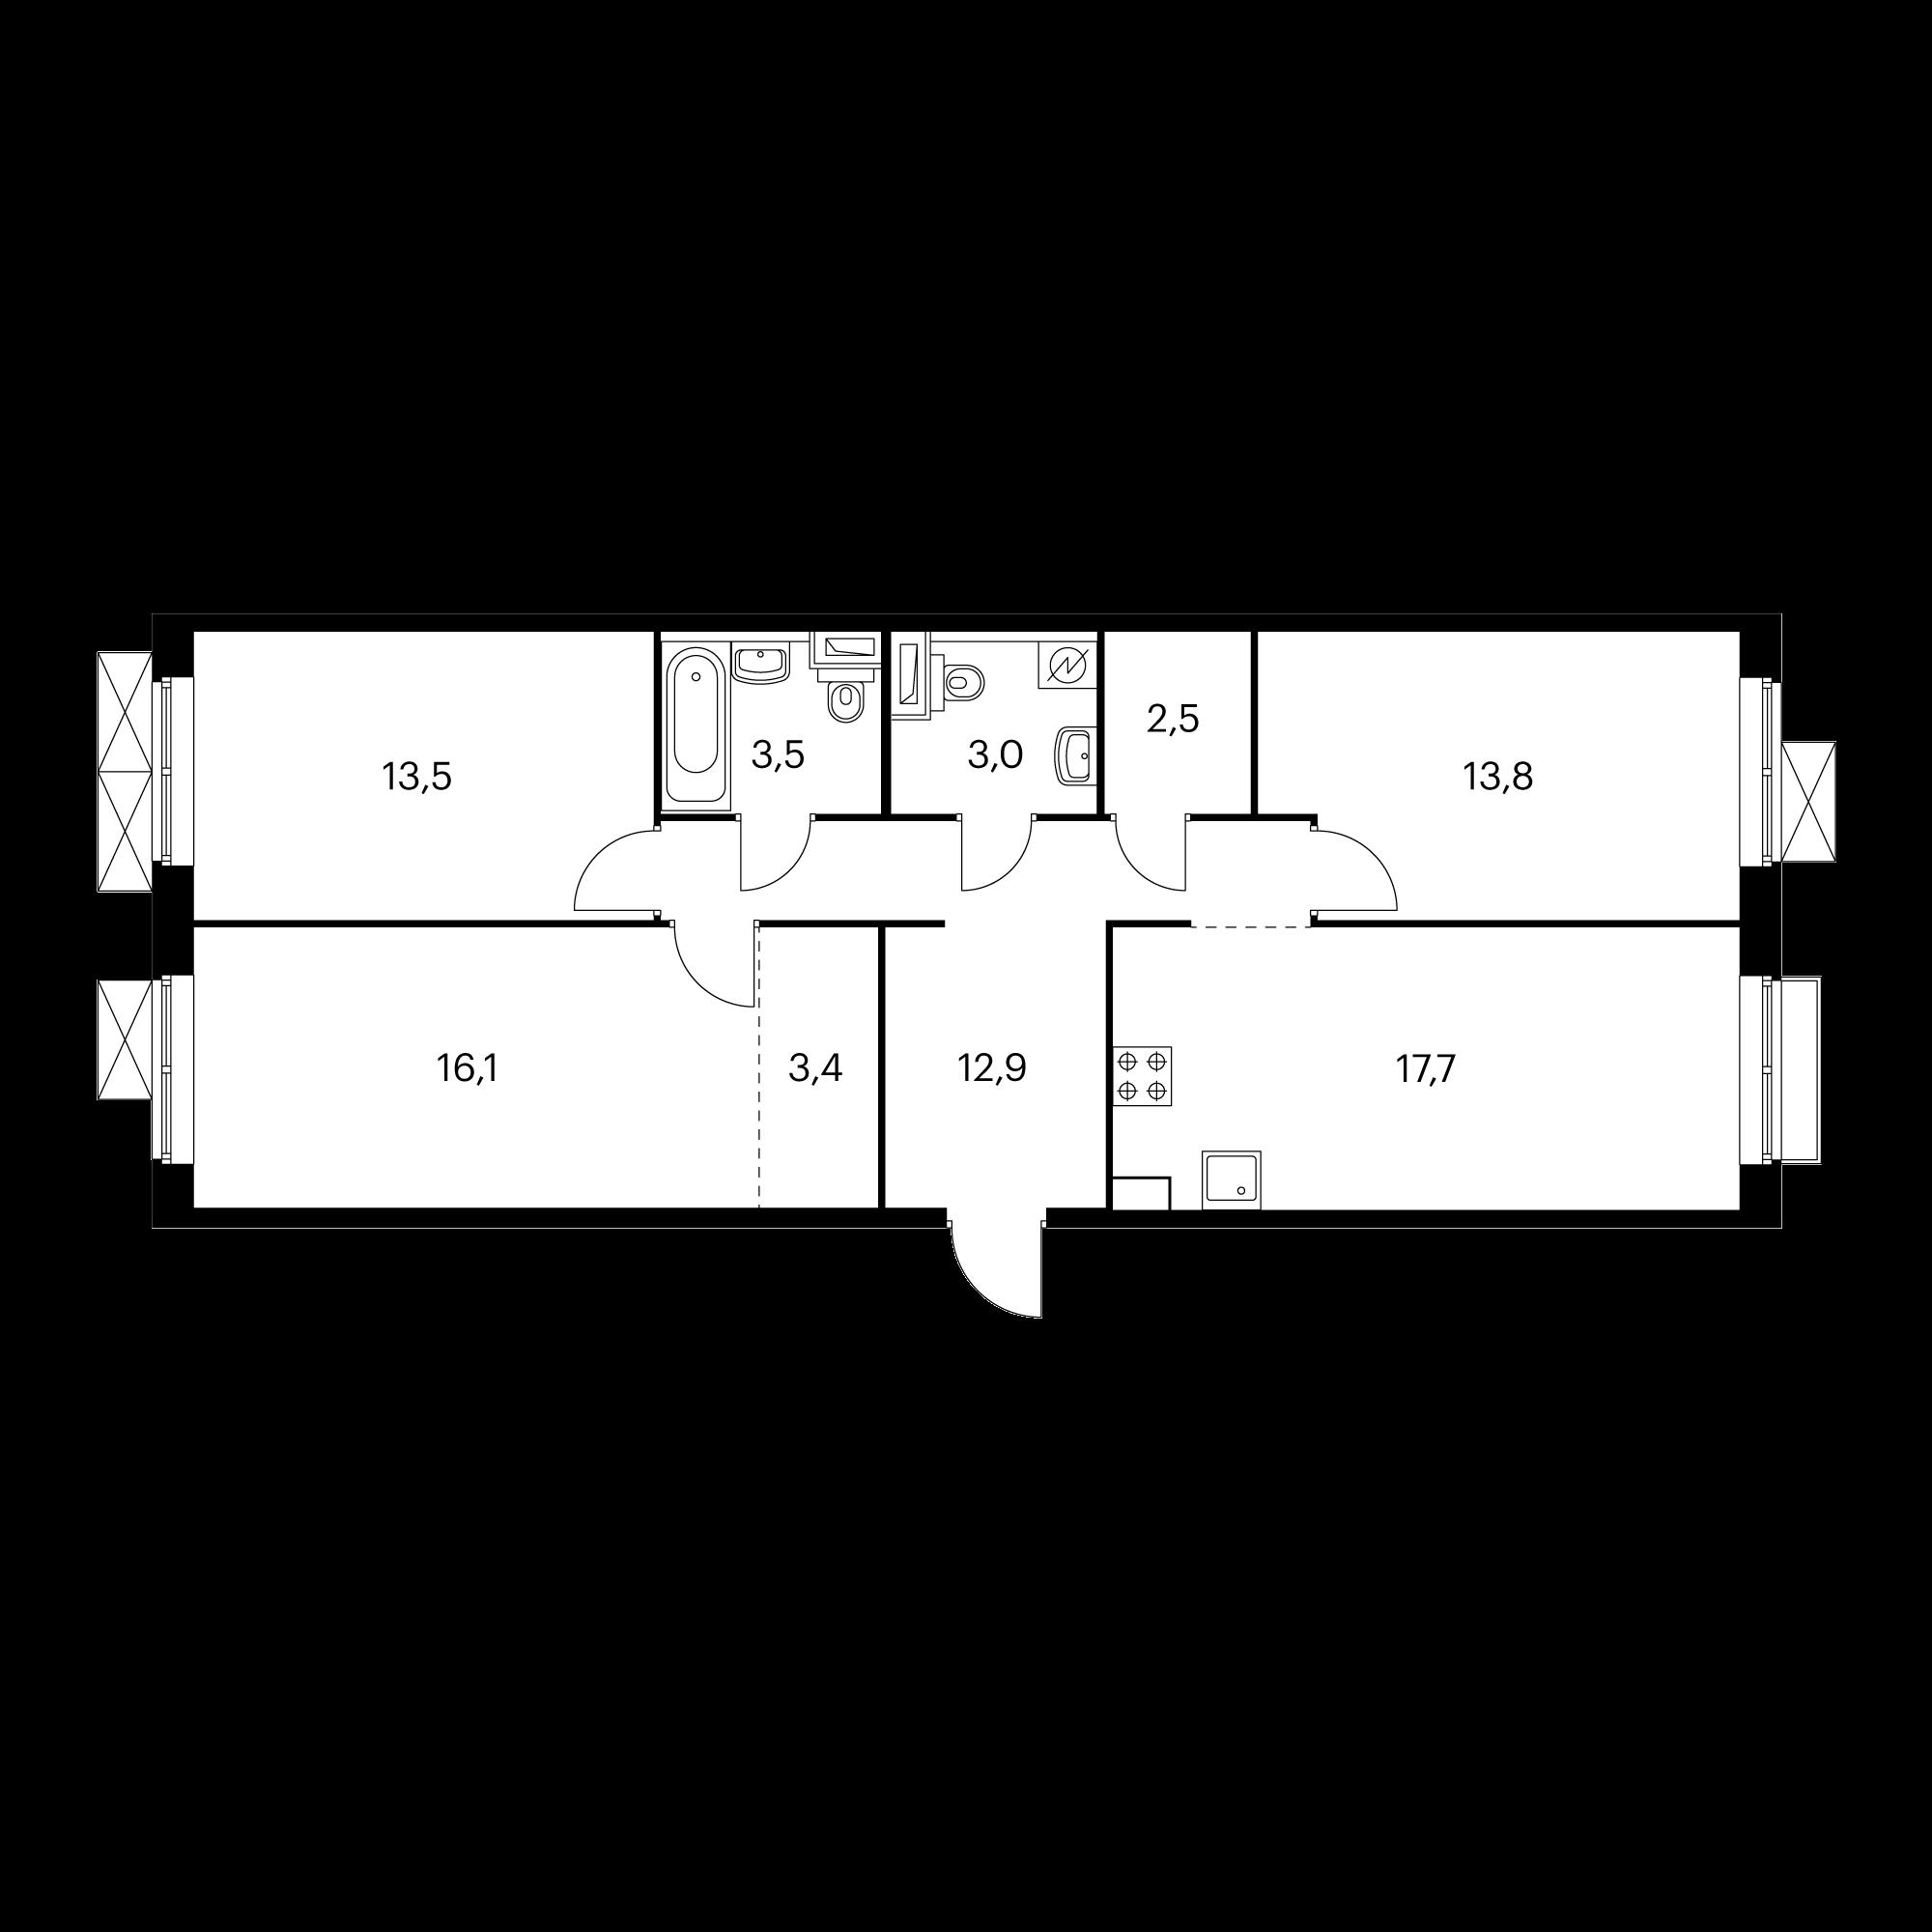 3-комнатная 86.4 м²